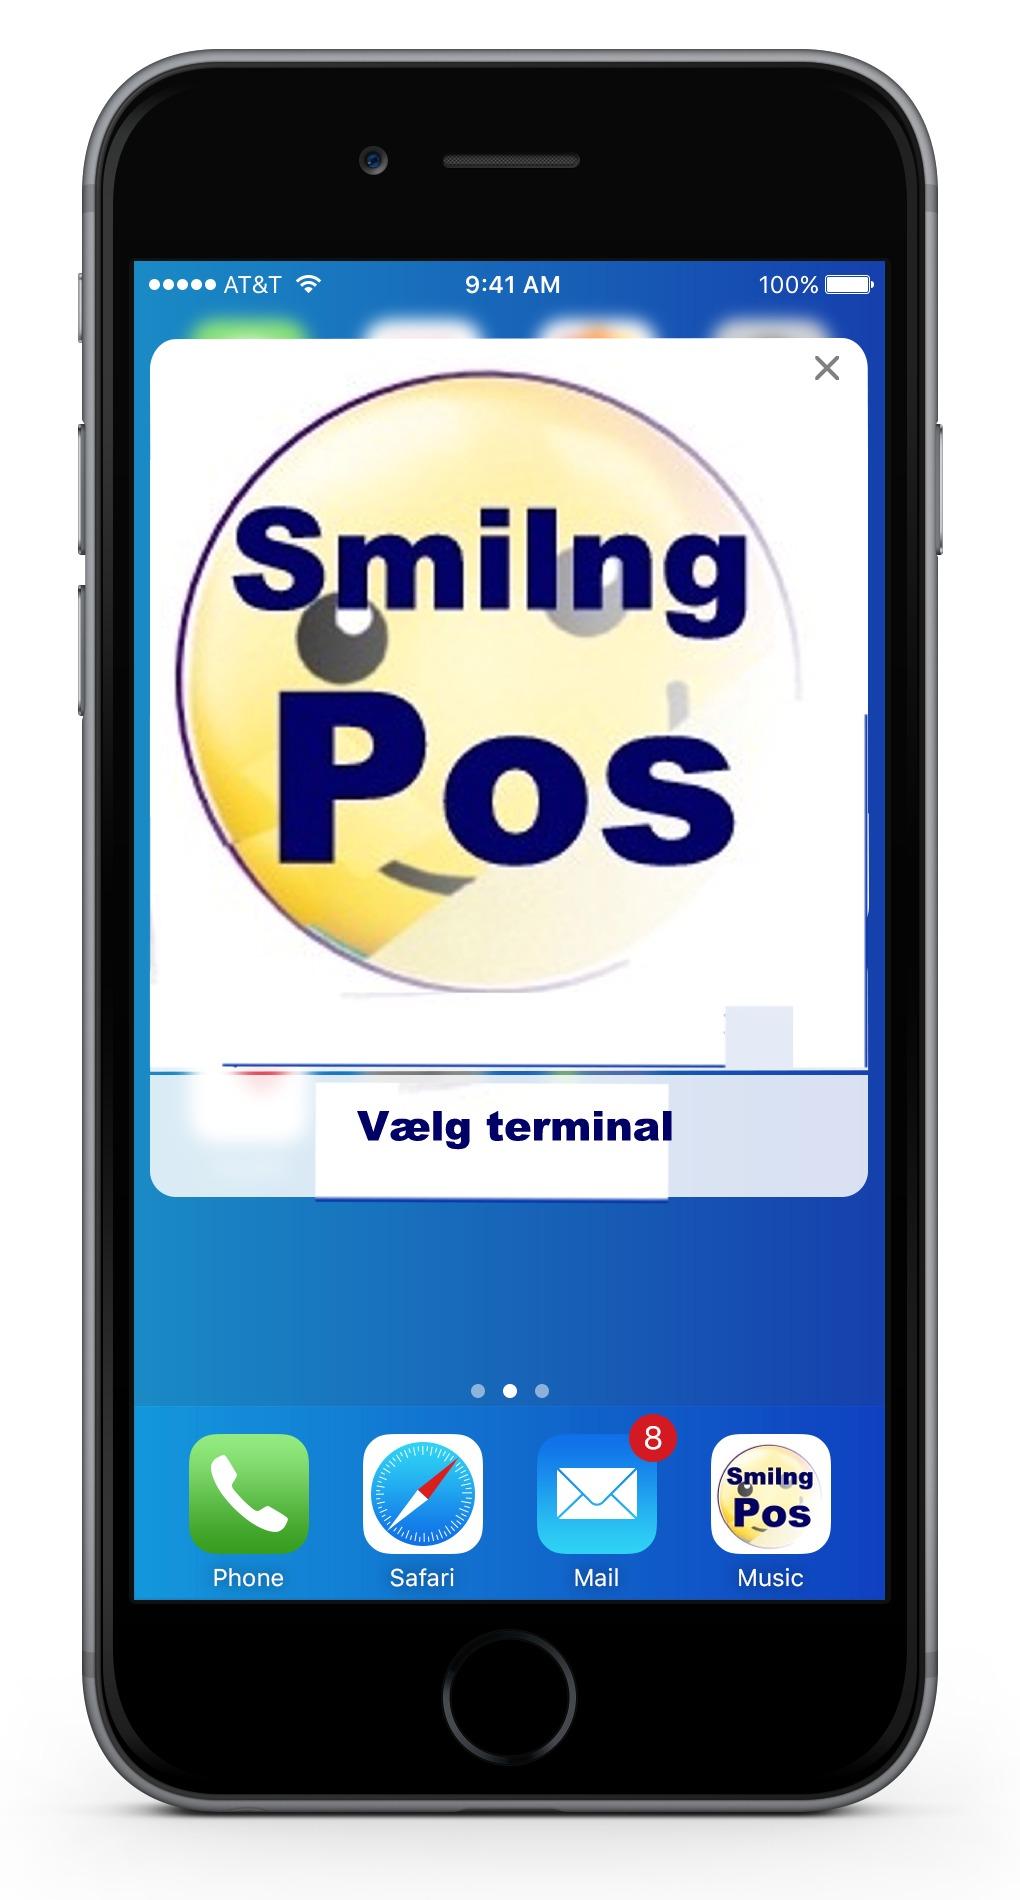 Smiling pos Kasseapparater detailsystemer Stregkoder barcode system